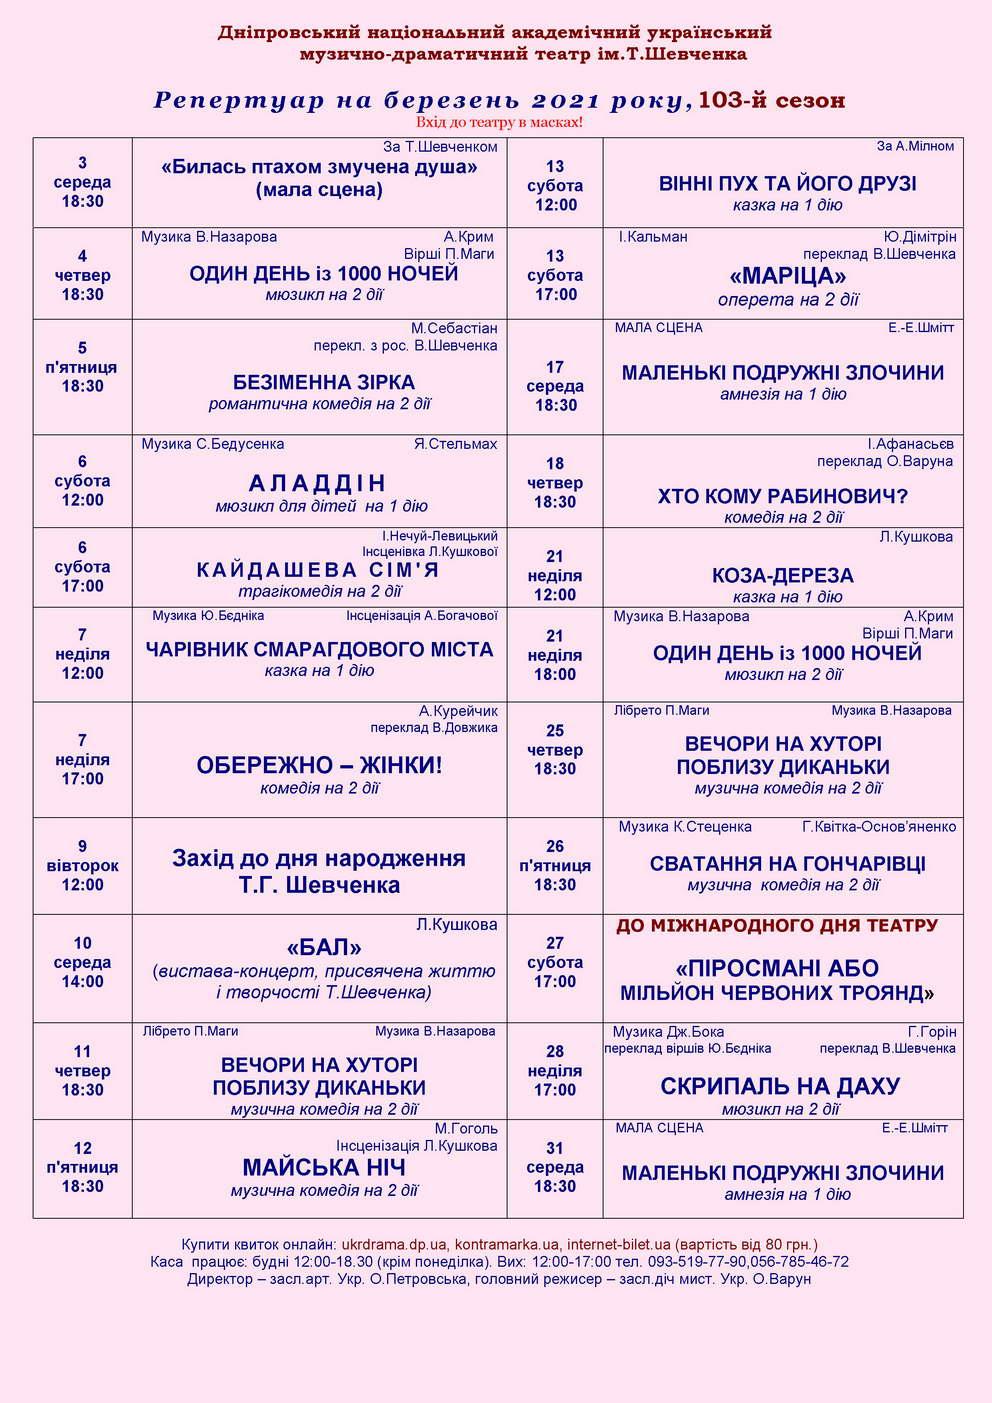 Репертуар на март. Театр им. Шевченко  встречает весну обновленным репертуаром